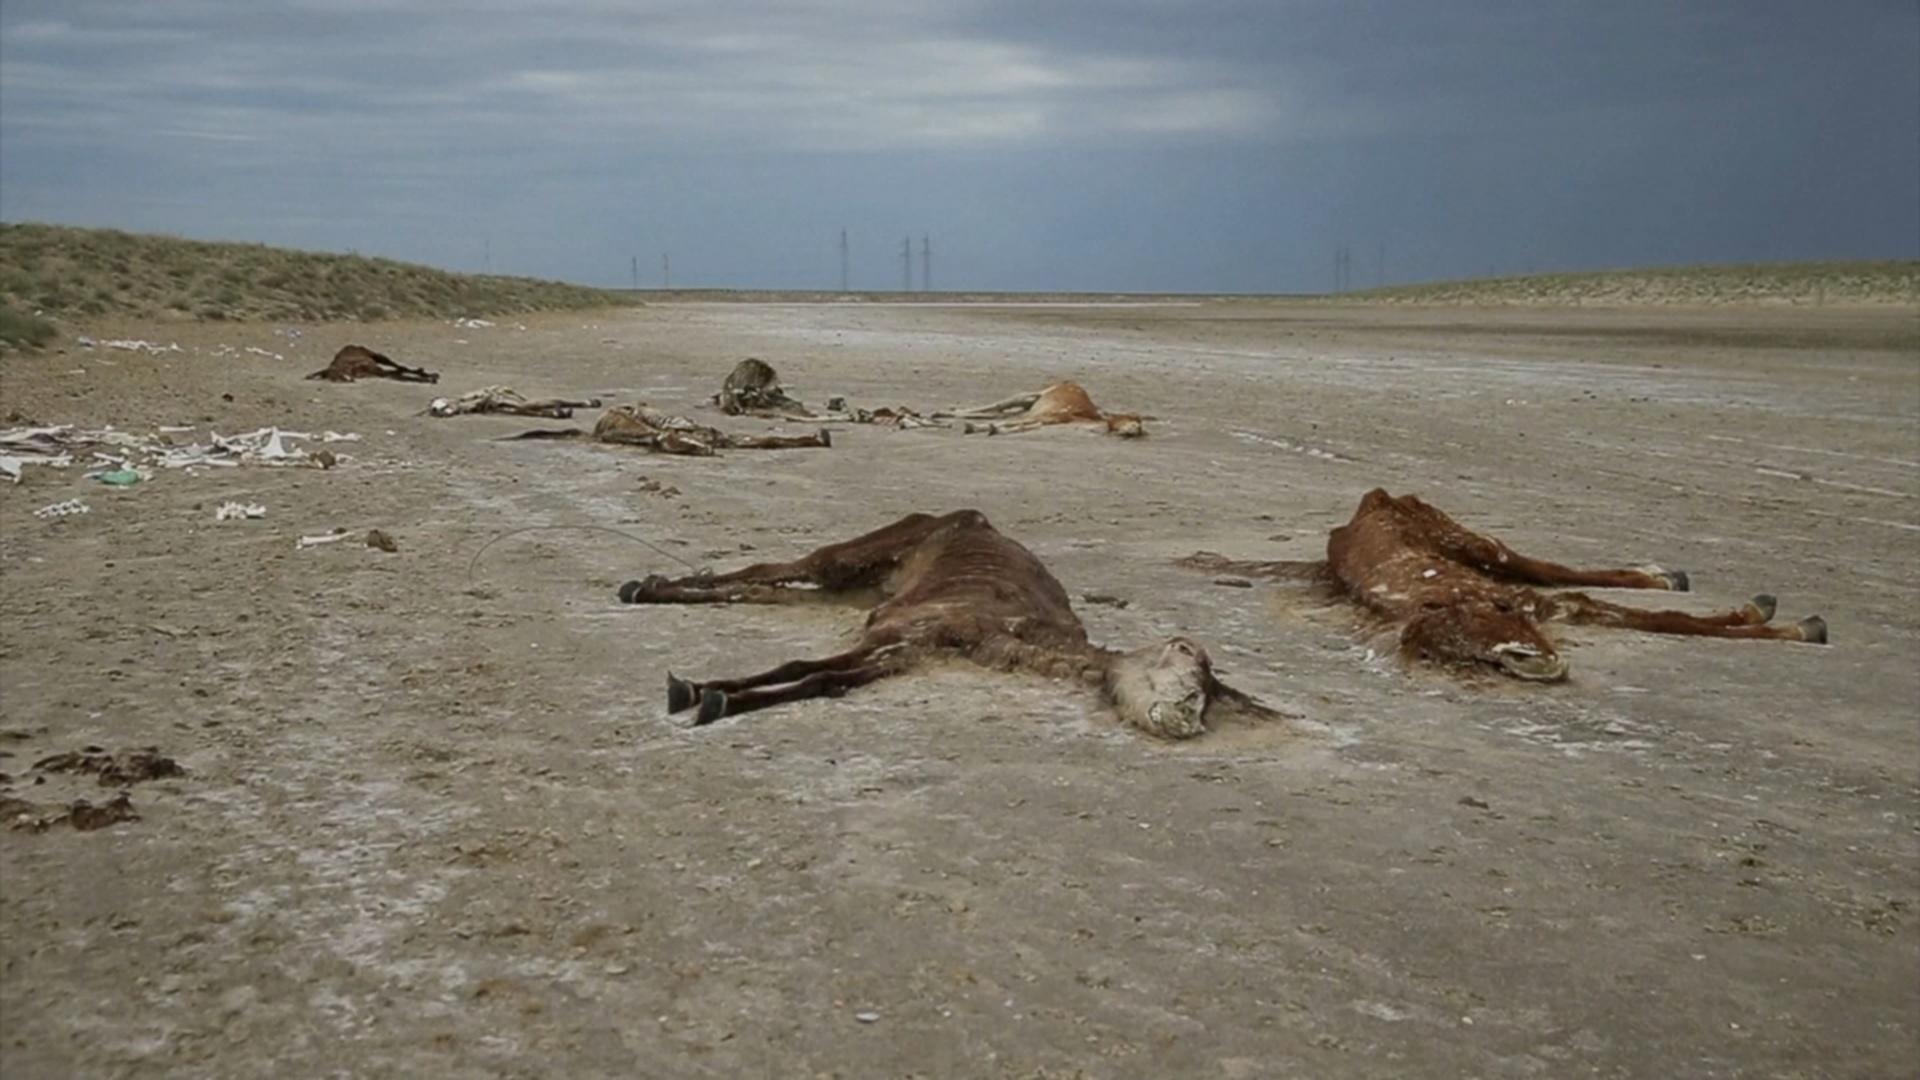 Выжженная степь: в Казахстане лошади умирают от голода и жажды